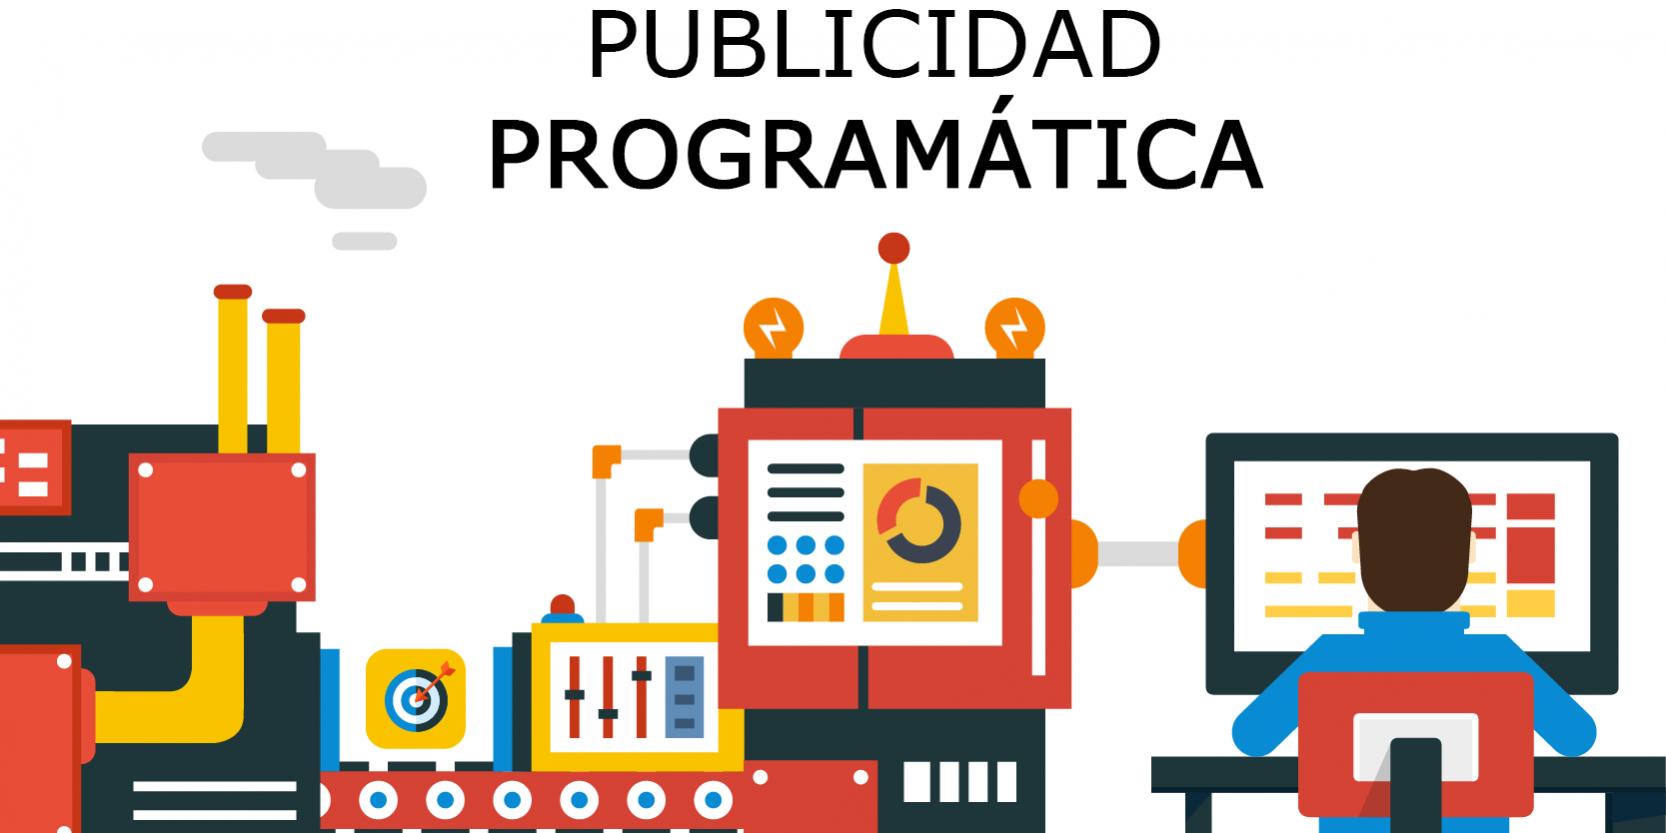 ¿El la publicidad programática el futuro del marketing?